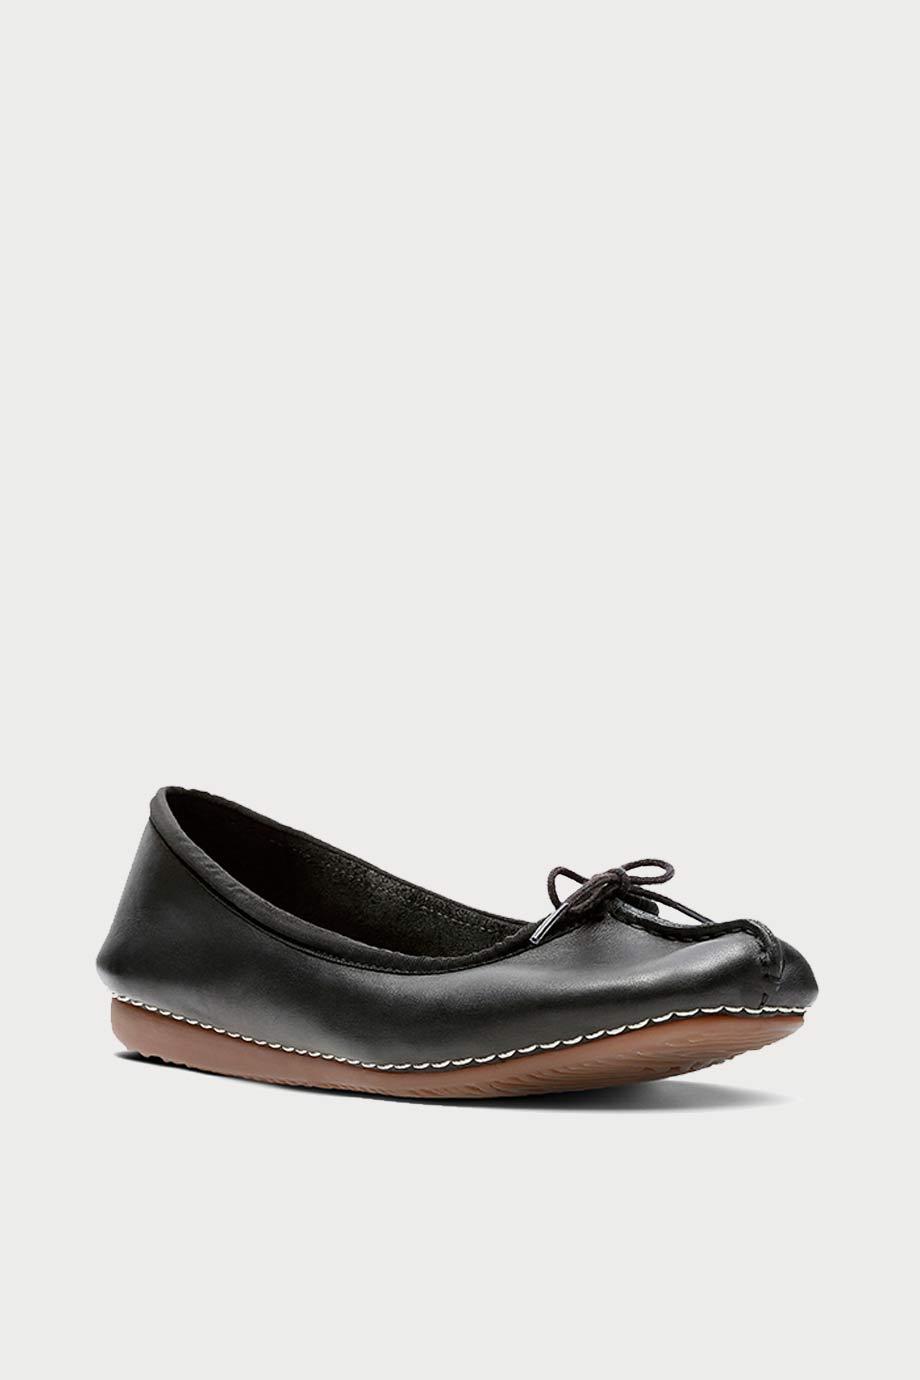 spiridoula metheniti shoes xalkida p freckle ice black leather clarks 2